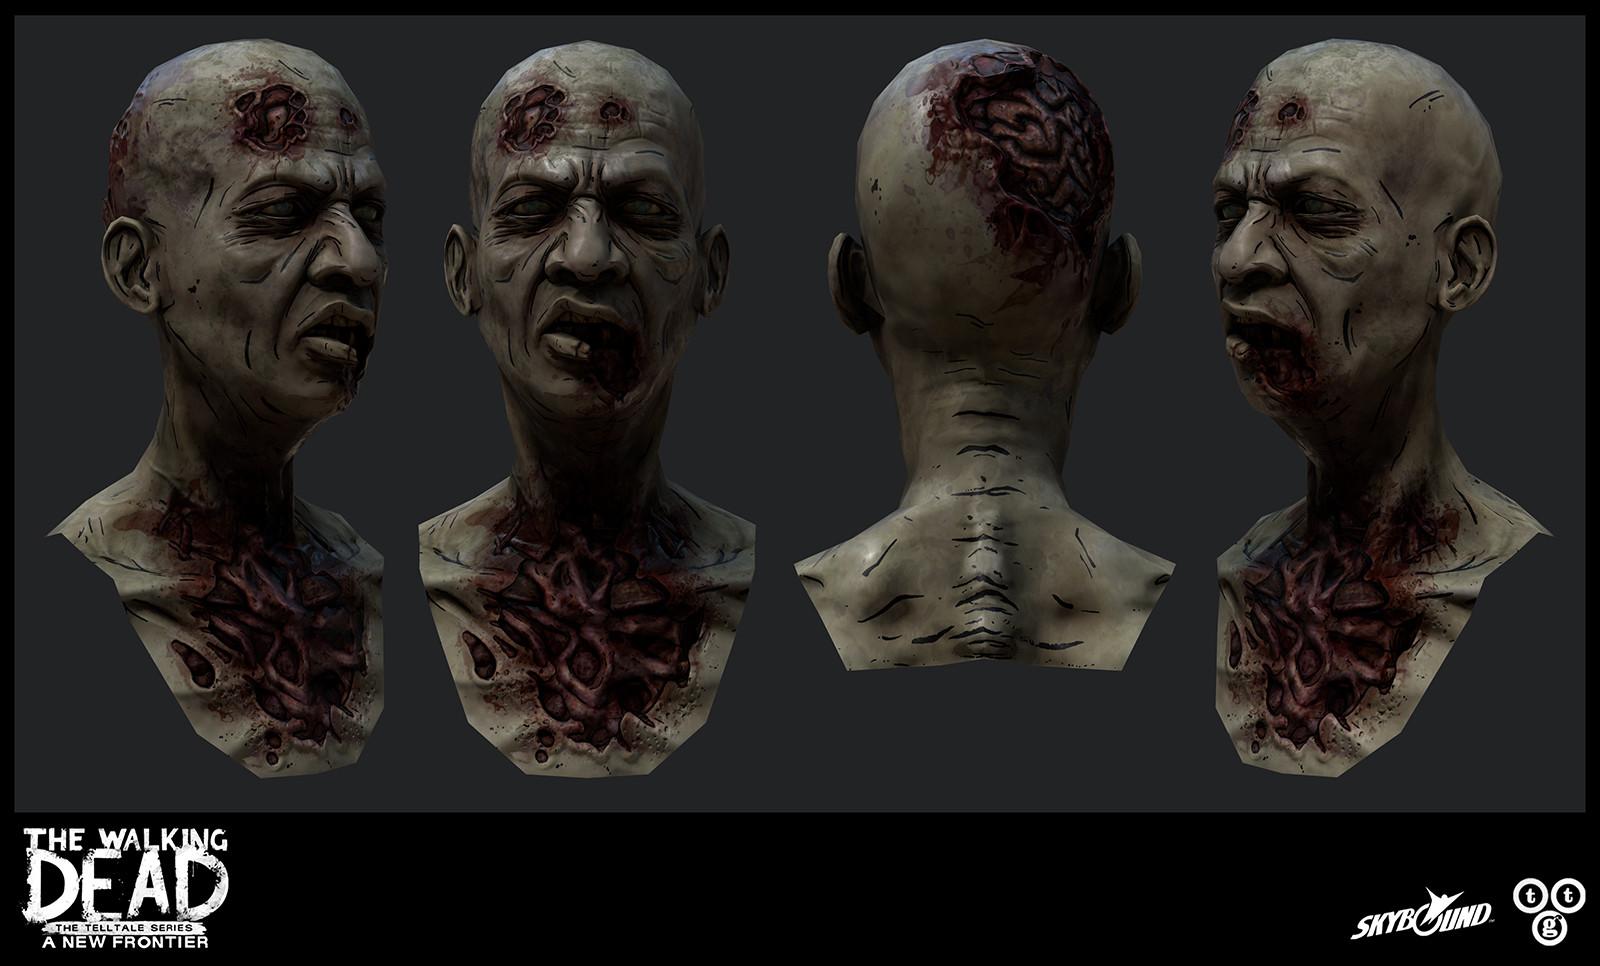 Jay susuico jsusuico wd3 zombiehead1render